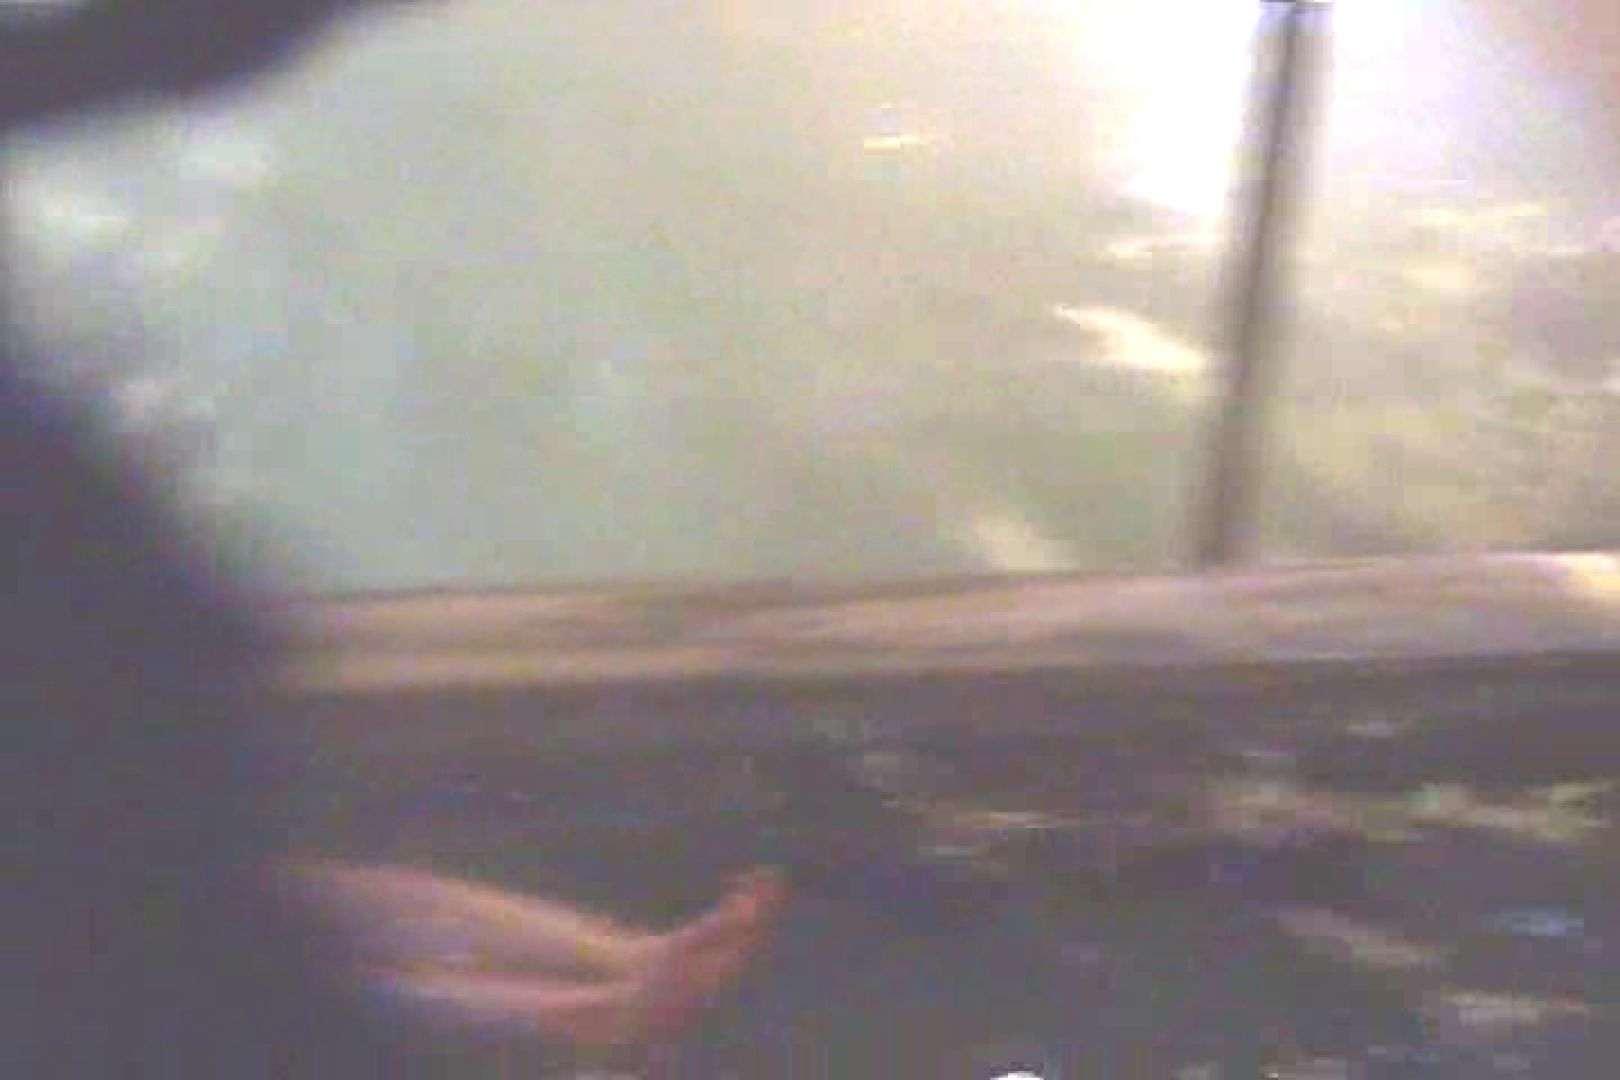 素人投稿シリーズ 盗撮 覗きの穴場 大浴場編 Vol.5 投稿 | 美女OL  107連発 76